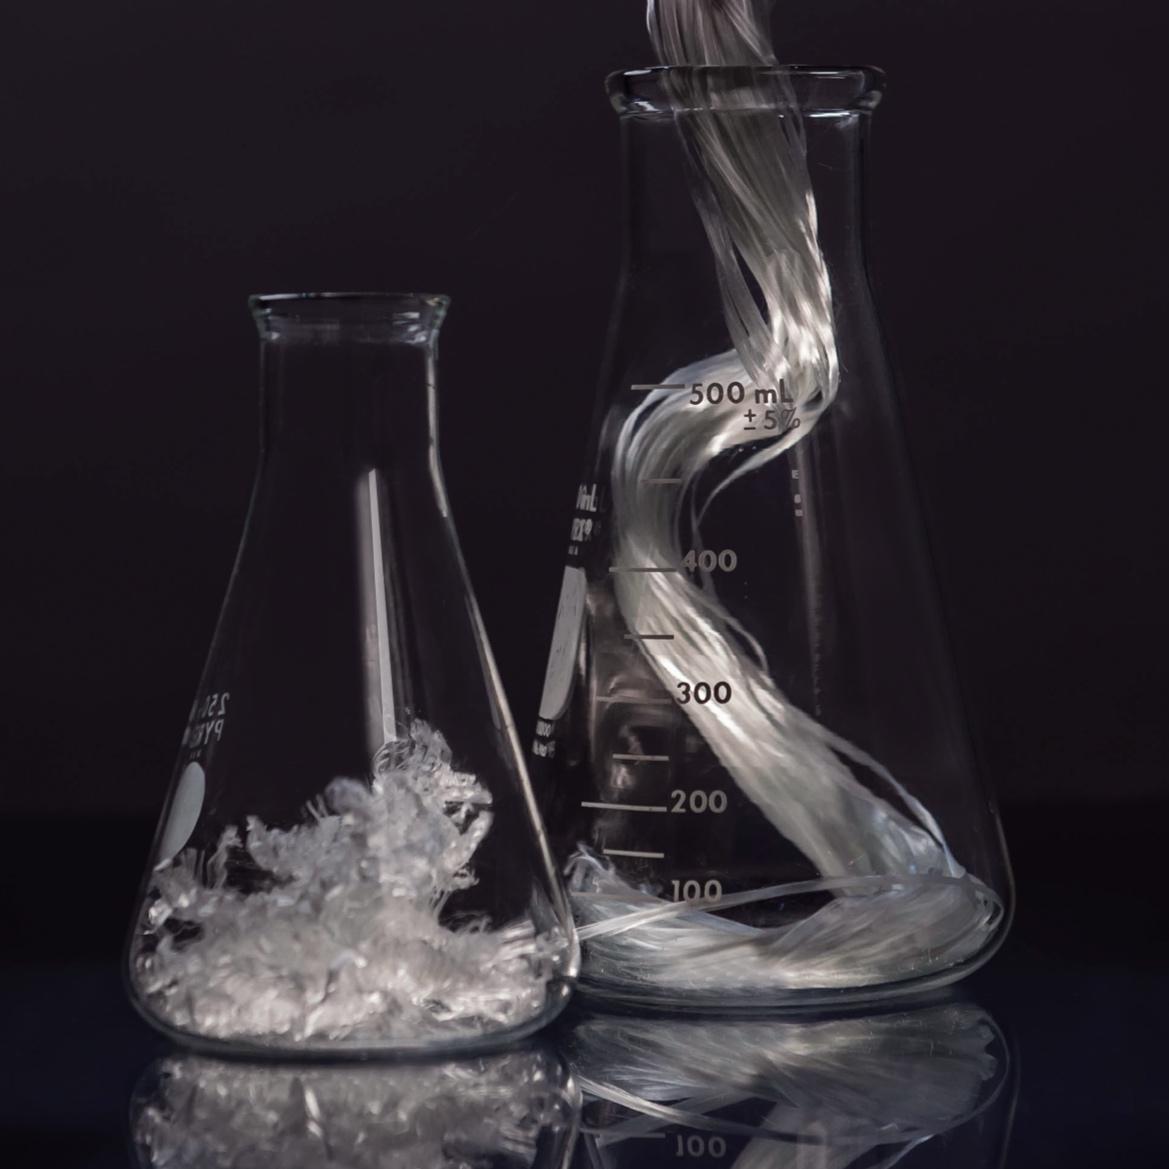 fiber in beakers re-touched dark.jpg